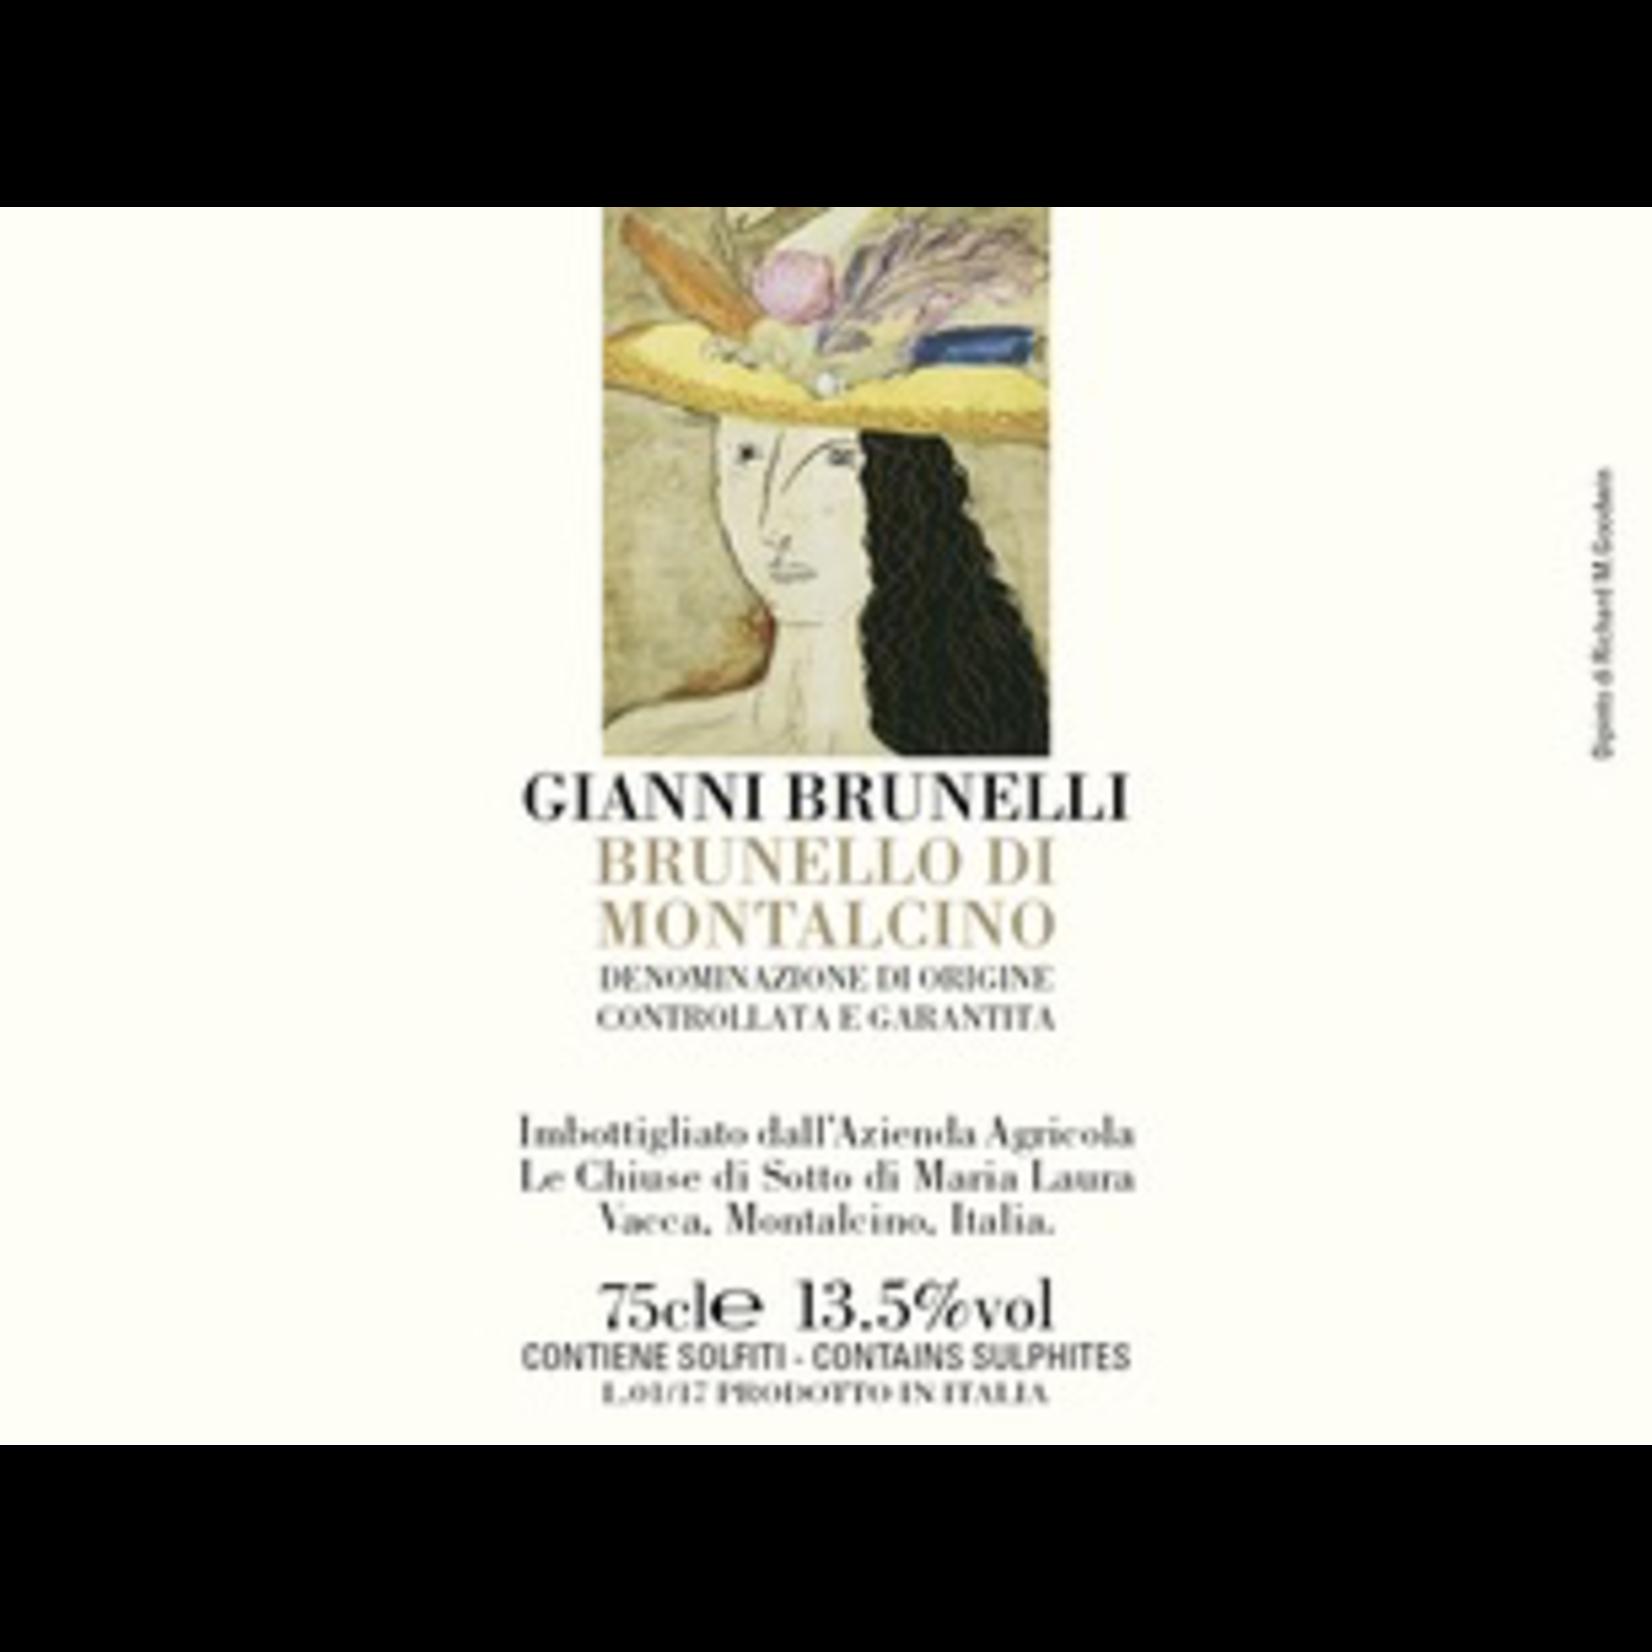 Wine Gianni Brunelli Brunello di Montalcino 2015